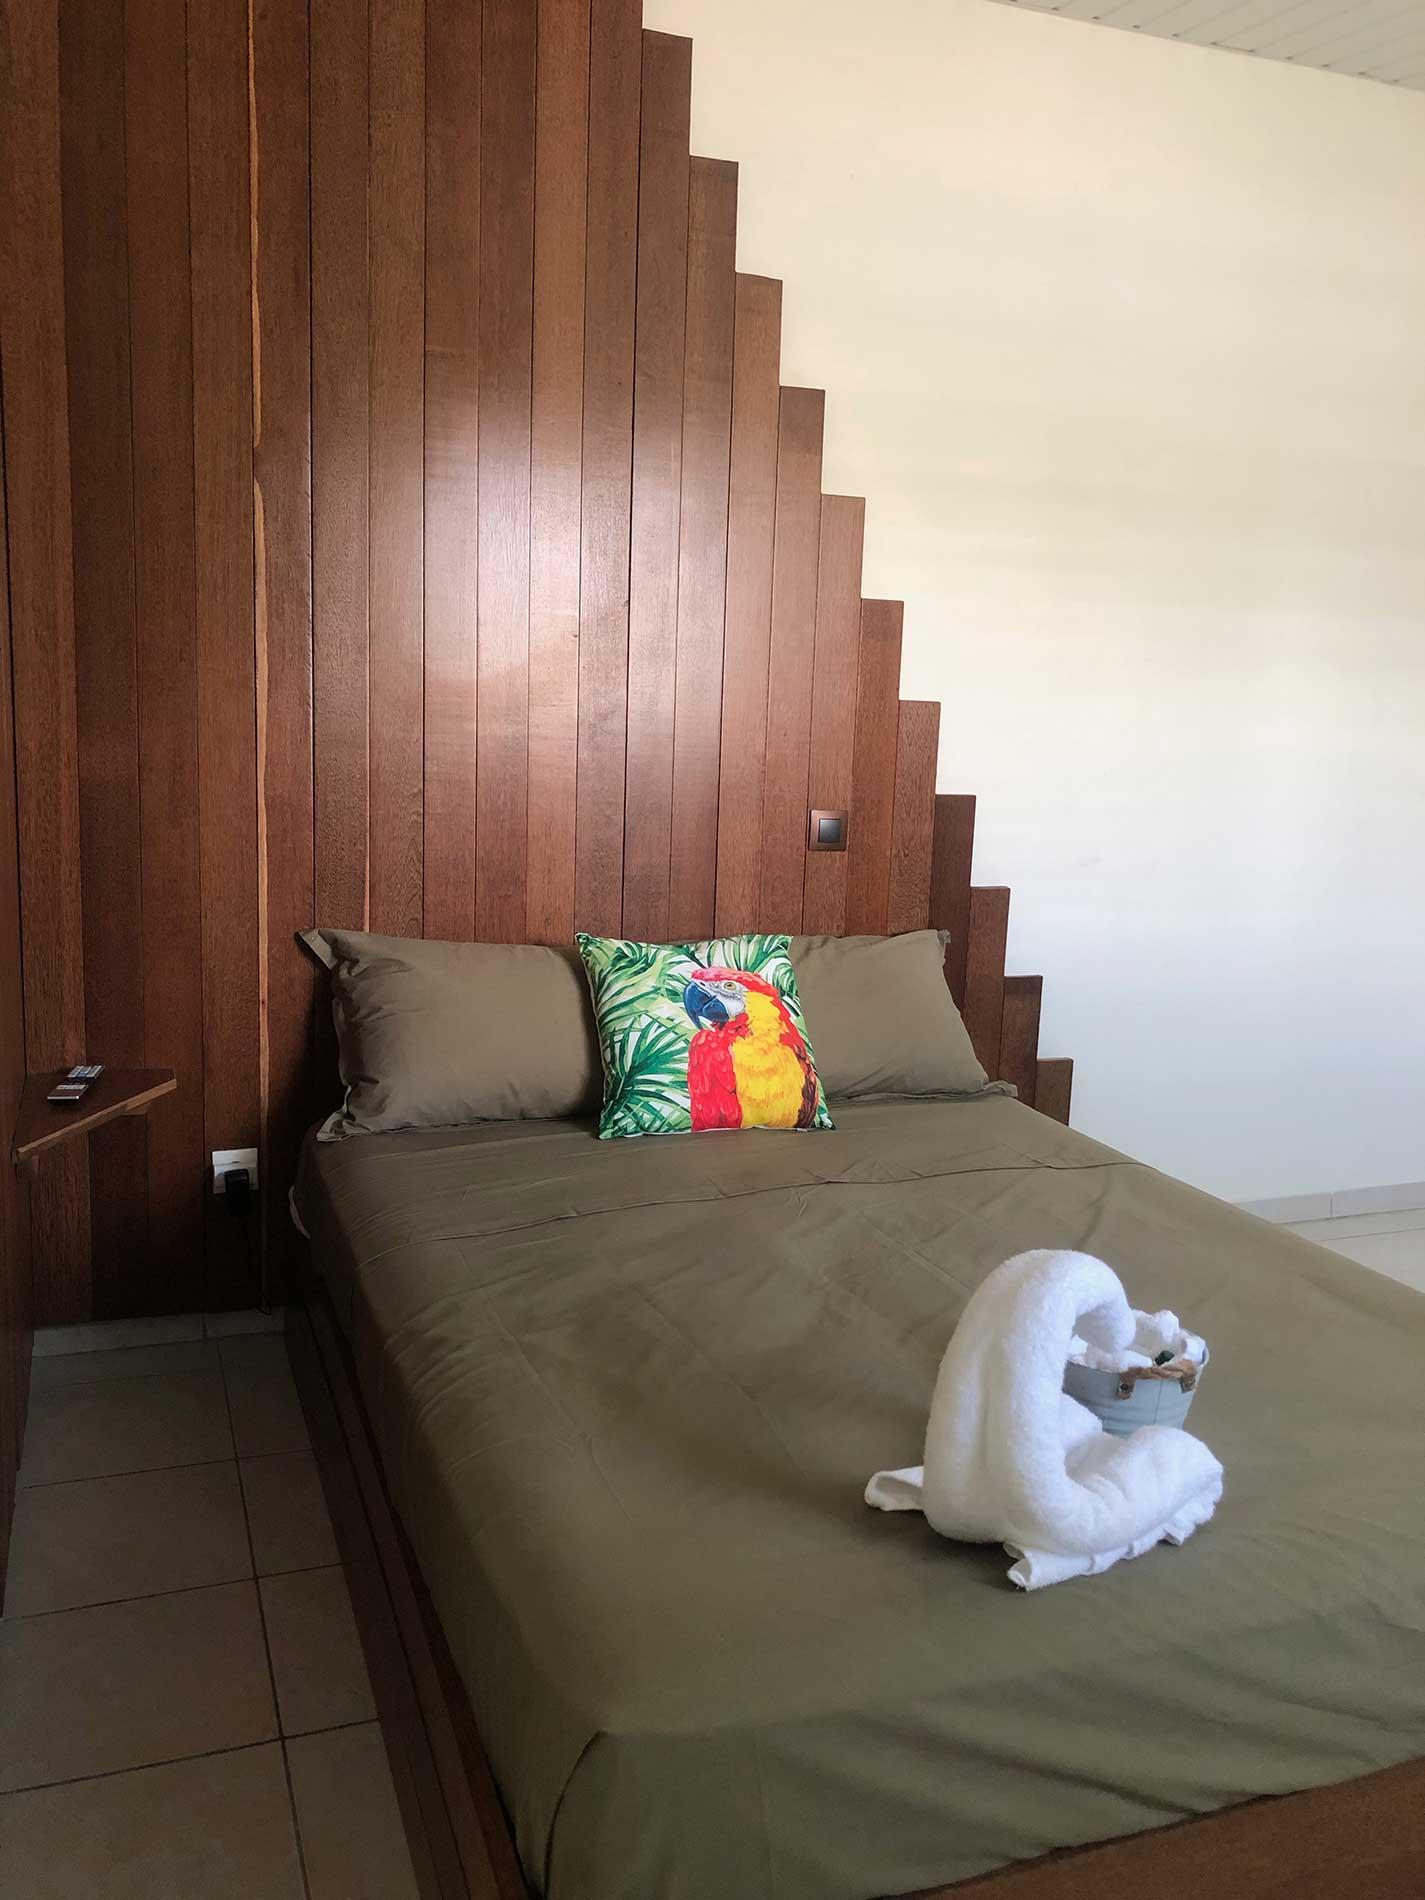 Vu rapprochée du lit en bois Wacapou. La tête de lit est en forme de pyramide avec une tablette pour poser ses affaires personnelles et un interrupteur pour commander l'éclairage direct de la tête de lit.